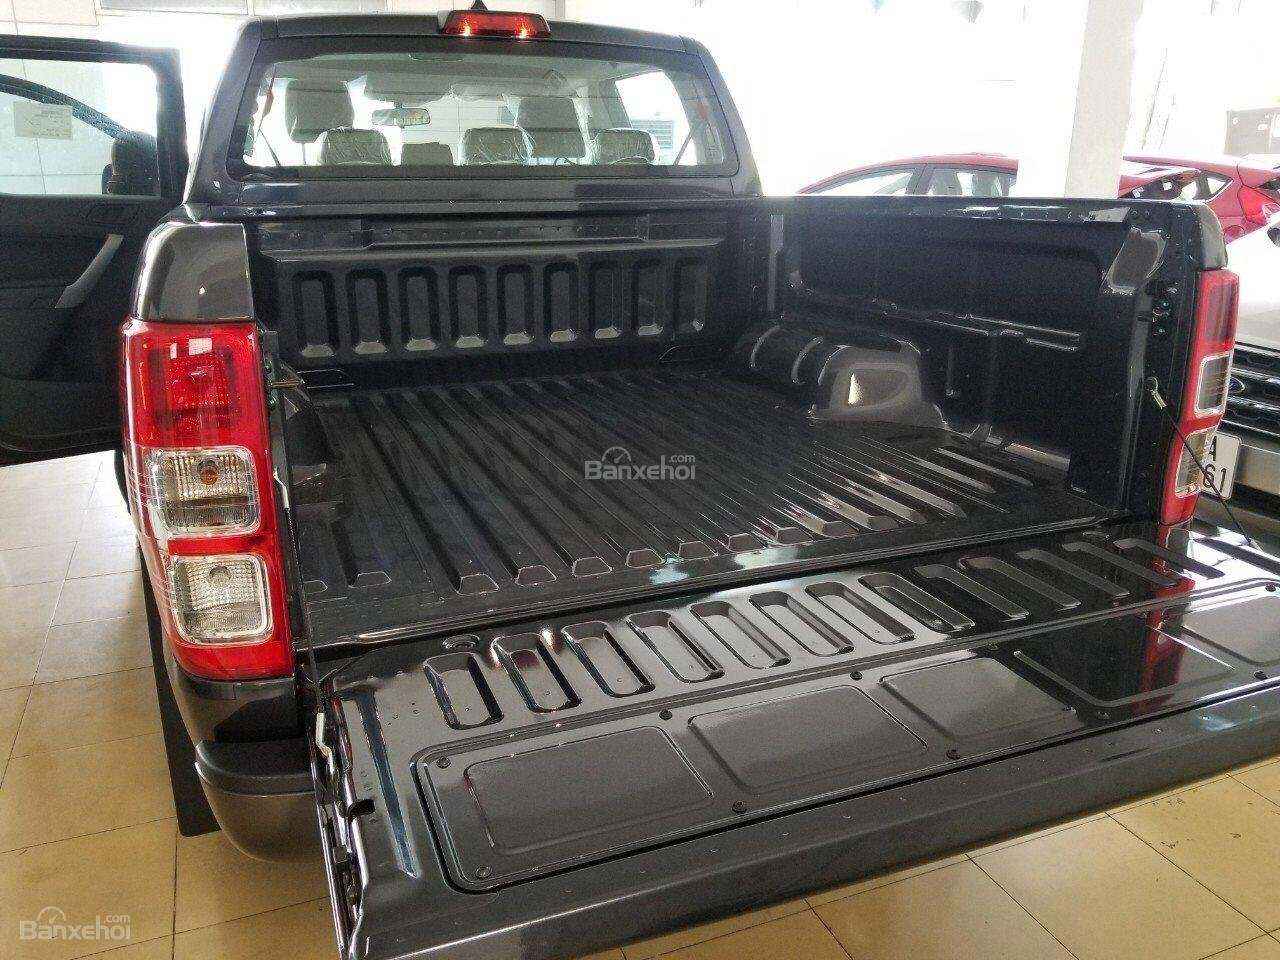 Bán Ford Ranger XLS 2.2L 4x2 AT màu xám - 650 triệu, xe giao ngay KM phụ kiện chính hãng-2